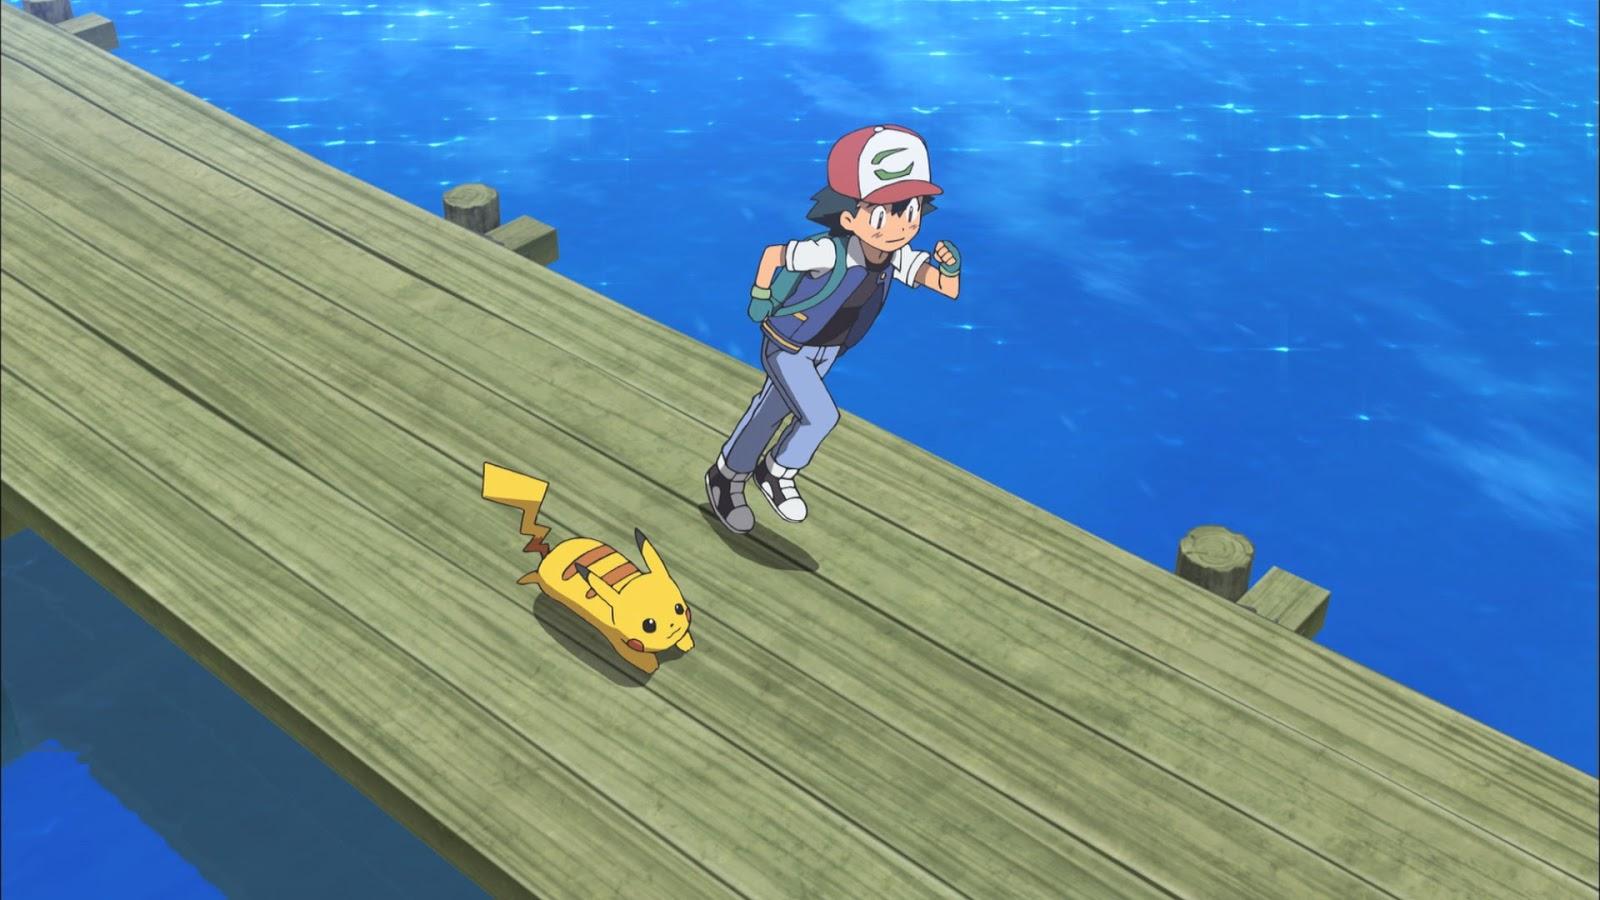 Ngoài ra trailer còn nhanh chóng \u201căn điểm\u201d với các fan bởi sự xuất hiện của các Pokémon quen thuộc ở một diện mạo mới và nhóm Rocket \u201cít tài nhiều tật\u201d ...